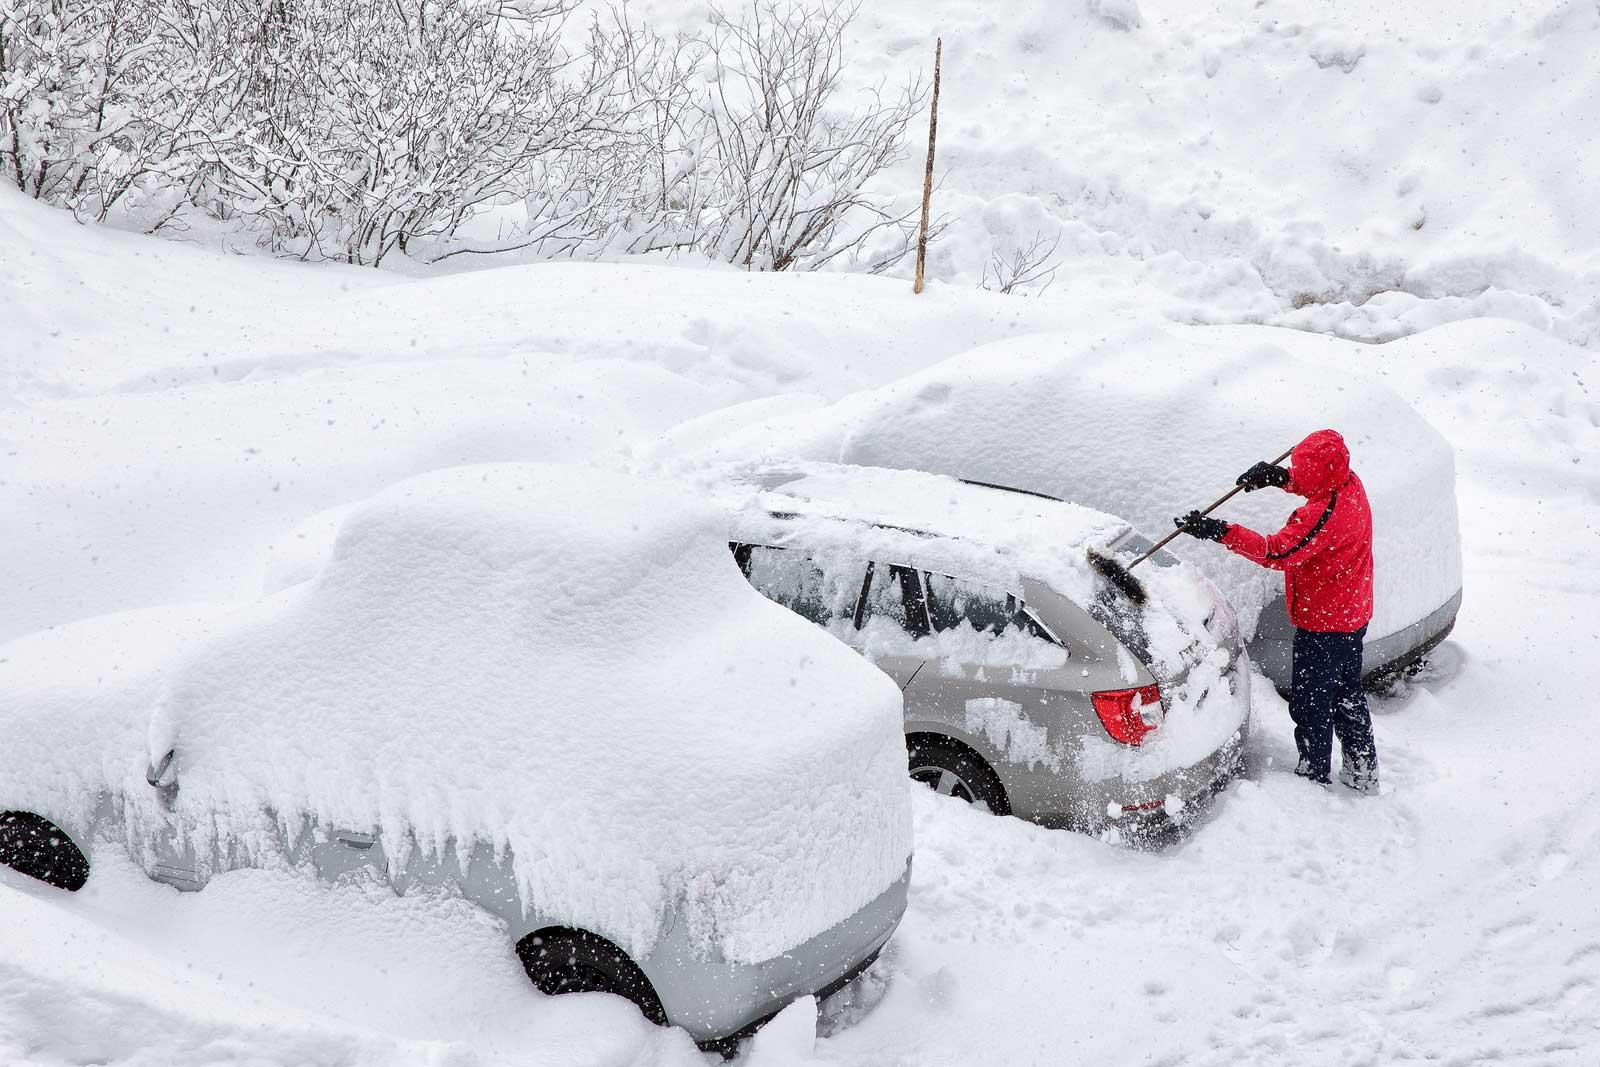 Obtenga nuestros mejores consejos sobre cómo almacenar un vehículo